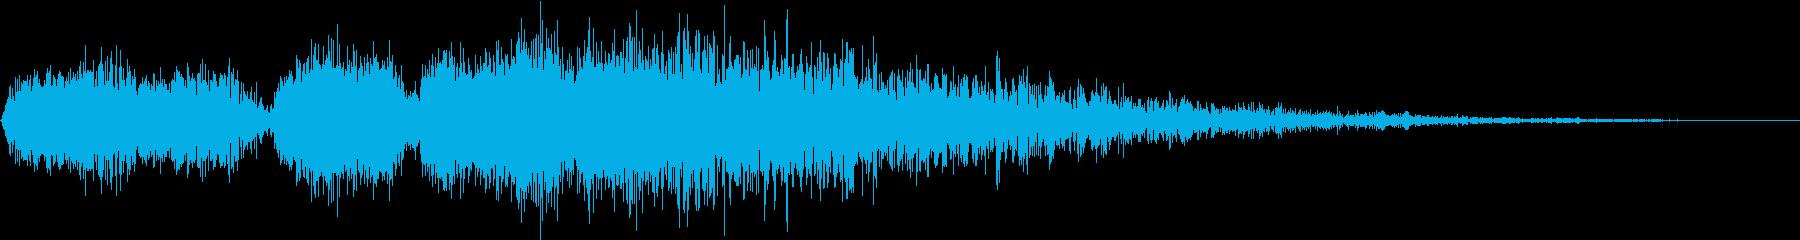 フォトンエネルギーブラストの再生済みの波形